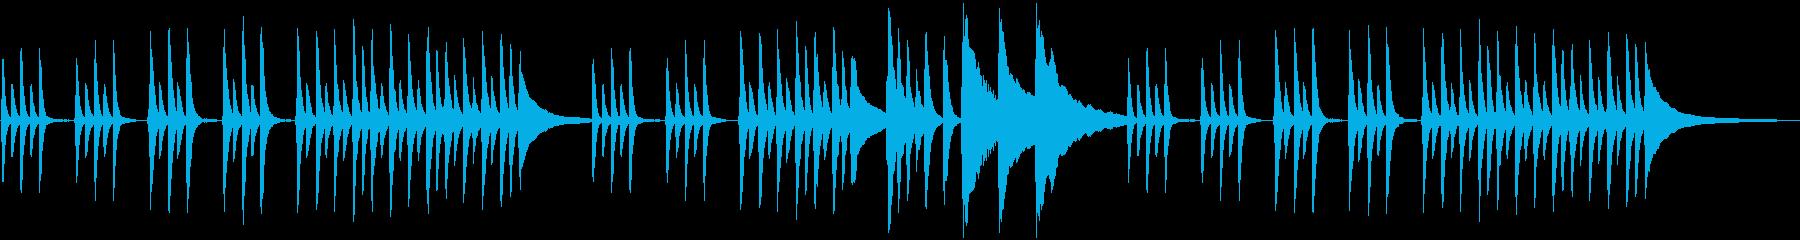 可愛い系のピアノのシンプルなBGMの再生済みの波形